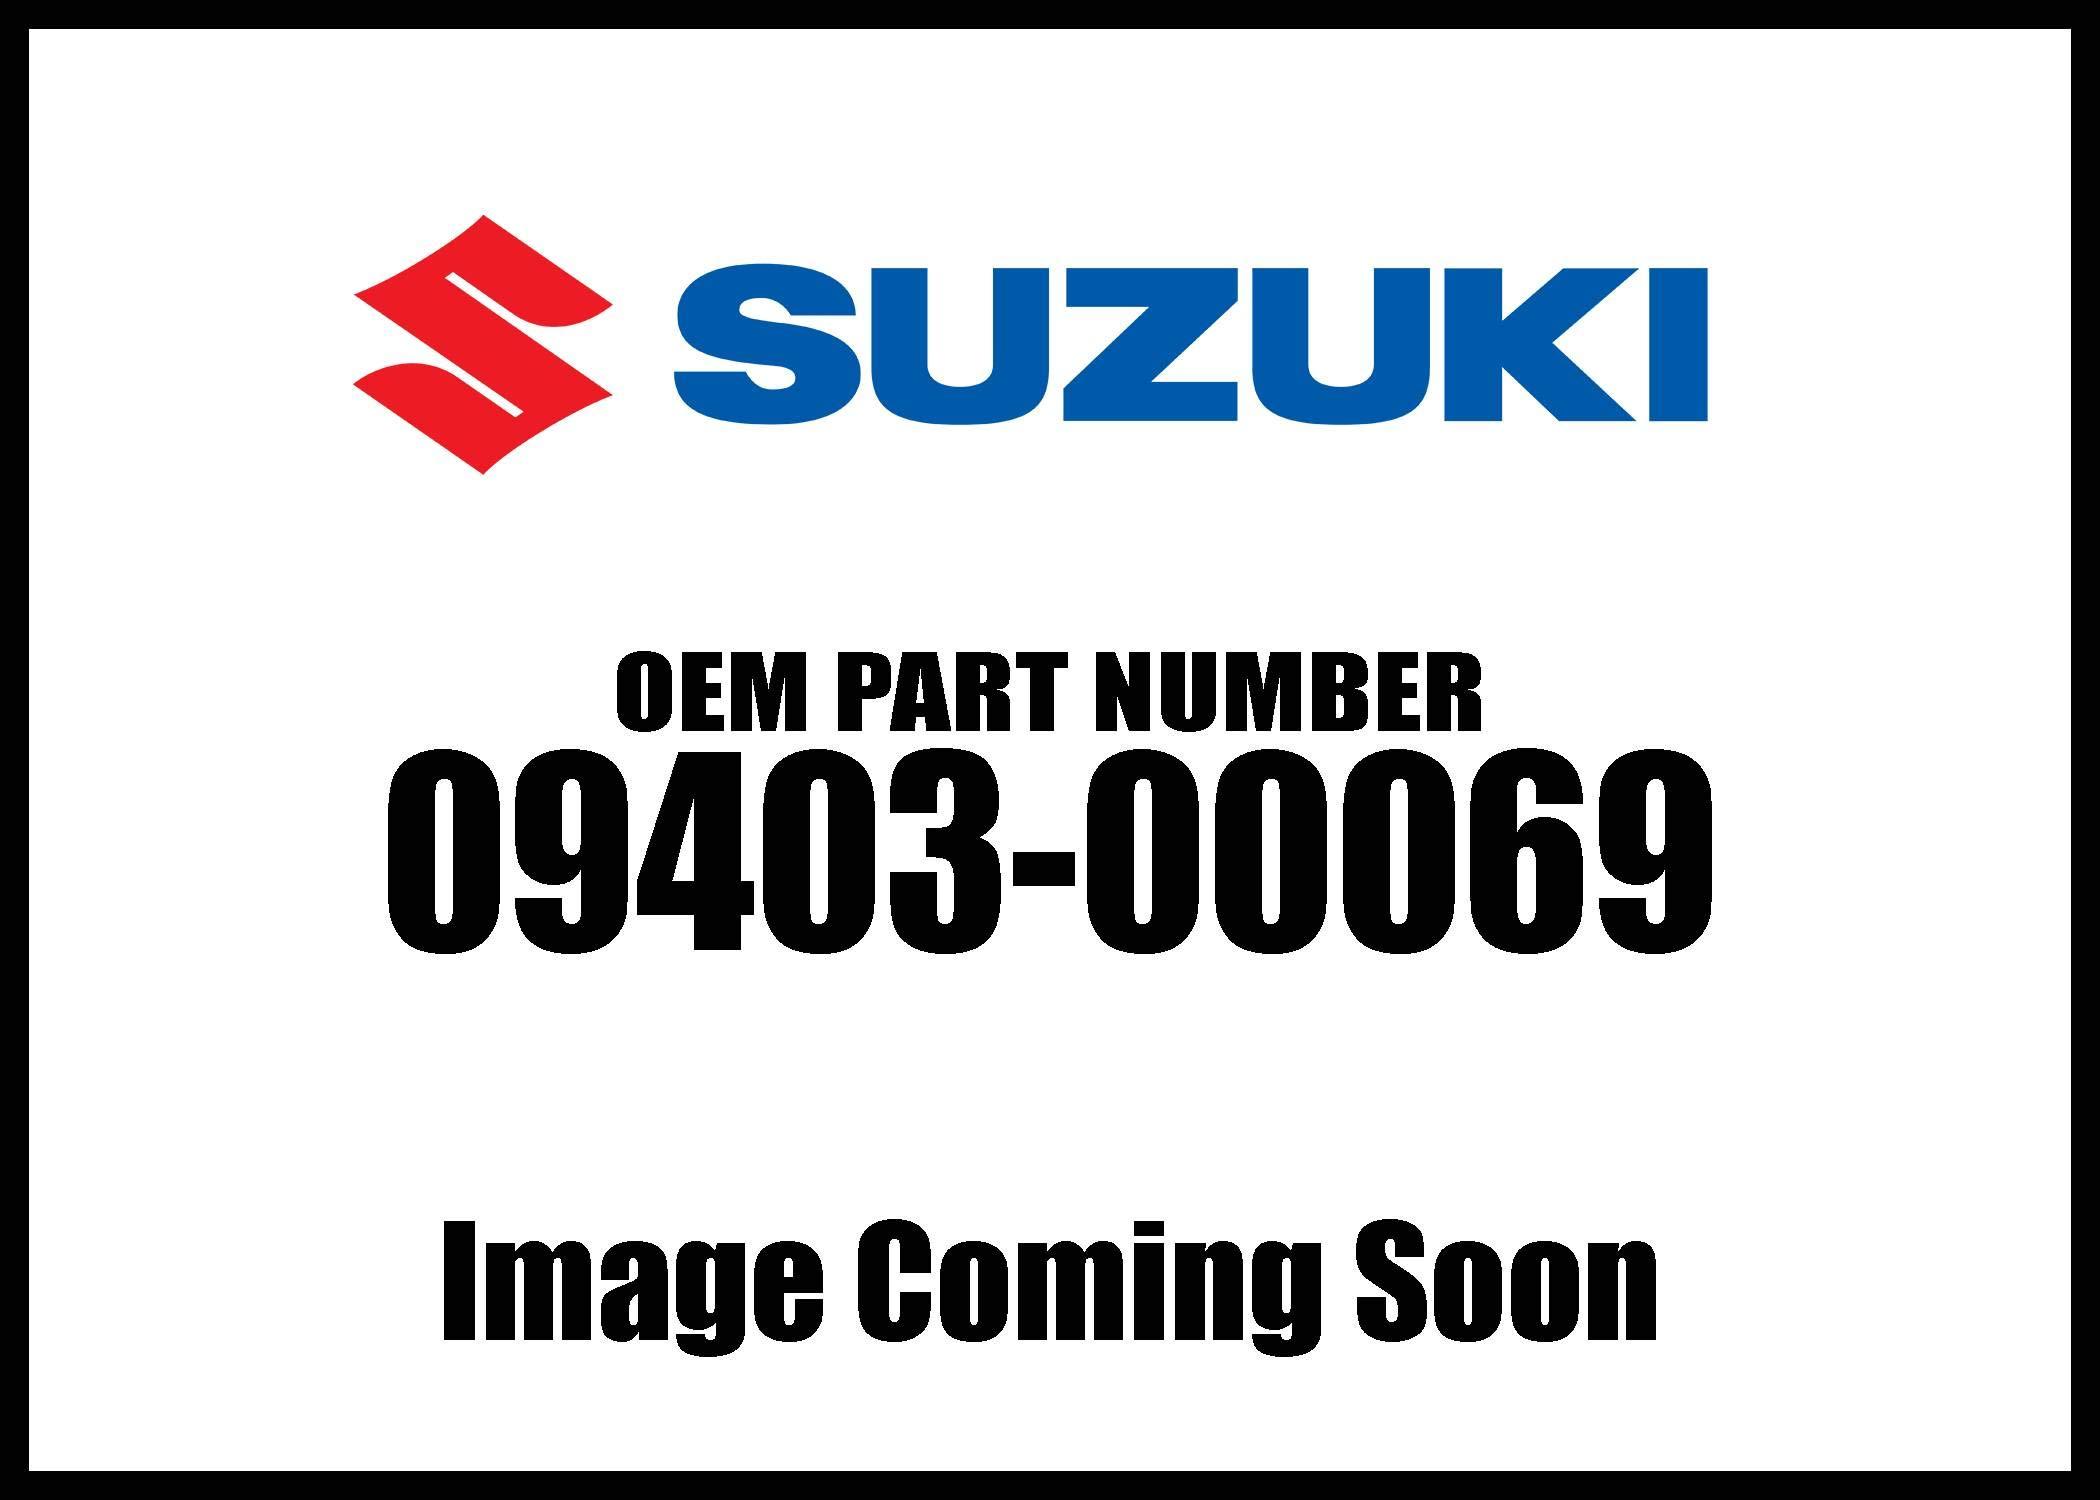 Suzuki Fuel Hose Clamp 09403-00069 New Oem